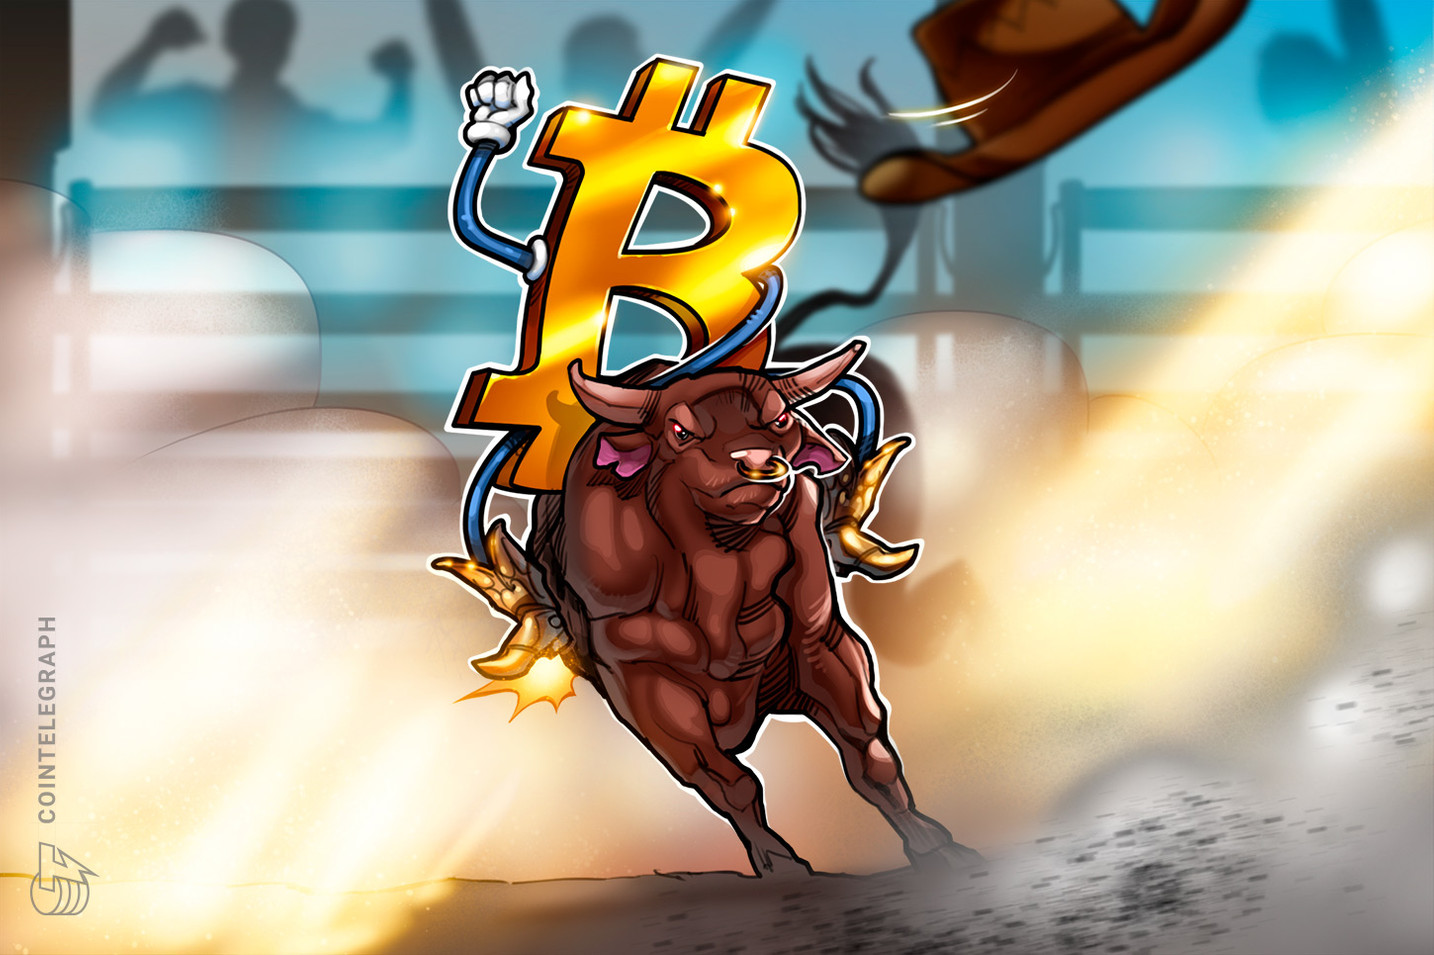 Preço do Bitcoin estabiliza acima de US$ 10 mil com abertura de futuros de US$ 11,6 mil